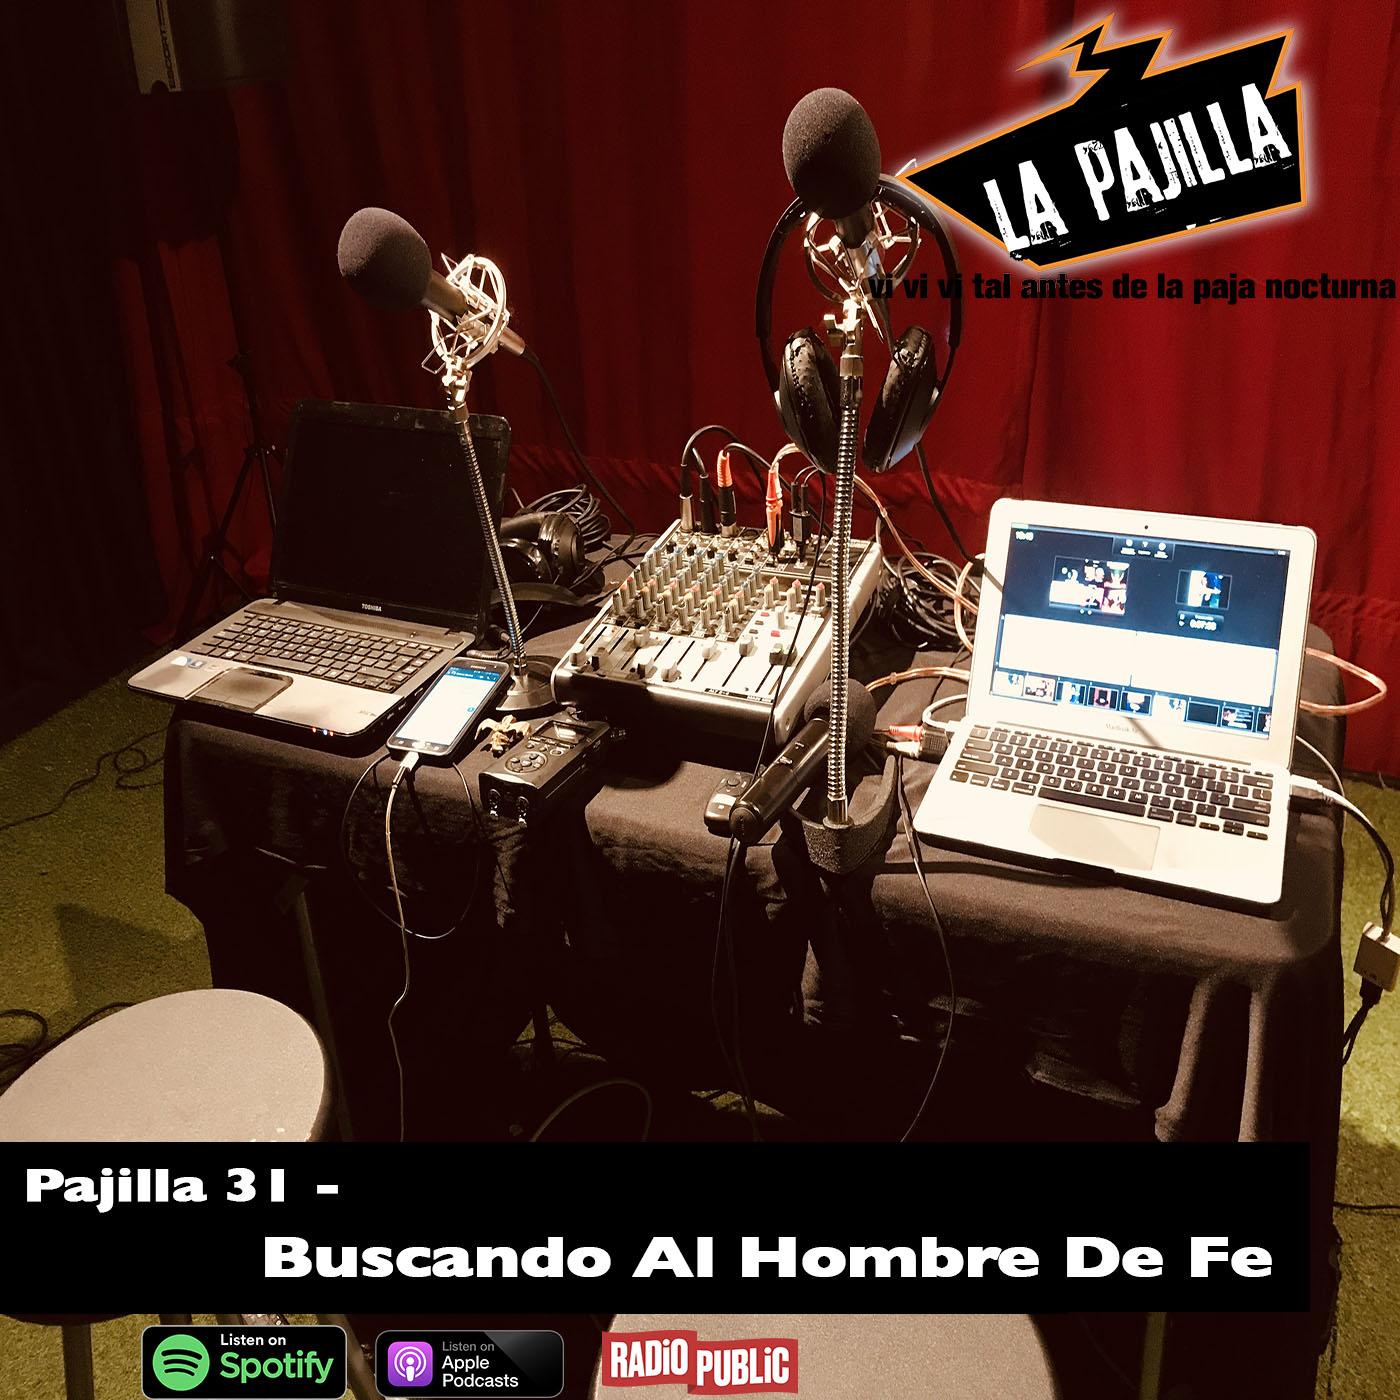 La Paja Nocturna Podcast CR Pajilla 31